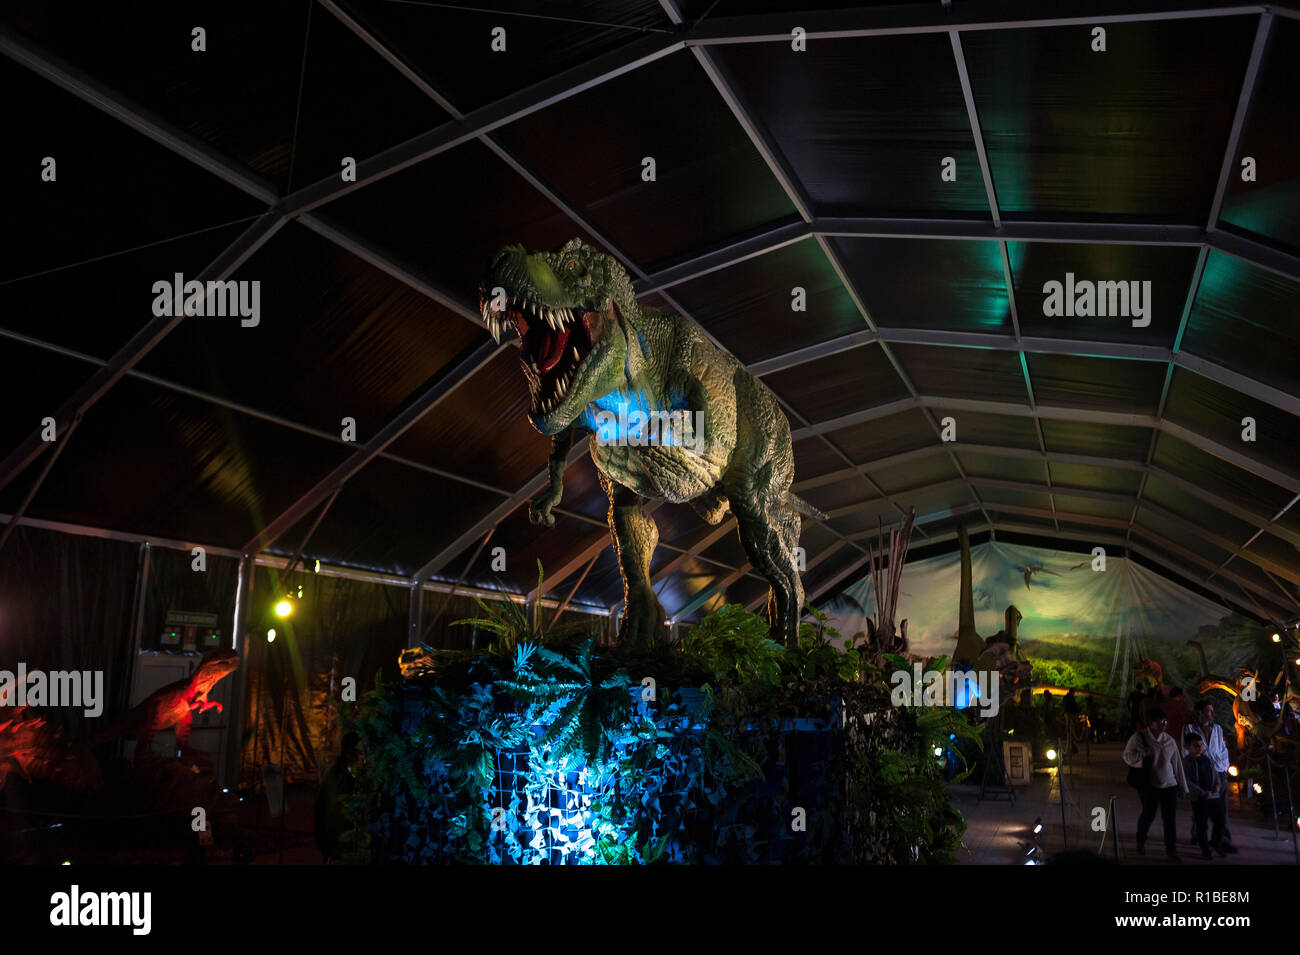 Una gran réplica de un dinosaurio es visto durante la Expo DINO XXL. Esta exposición está dividida en dos períodos (edad de los dinosaurios y la edad de hielo), con más de 100 diferentes animados dinosaurios réplicas de 12 metros de medida, con mecanismo de movimiento y sonido. El proyecto con las figuras de los dinosaurios que son réplicas a escala real, tiene la finalidad de hacer los detalles conocidos de los dinosaurios edad cuando se asientan sobre la tierra. Foto de stock